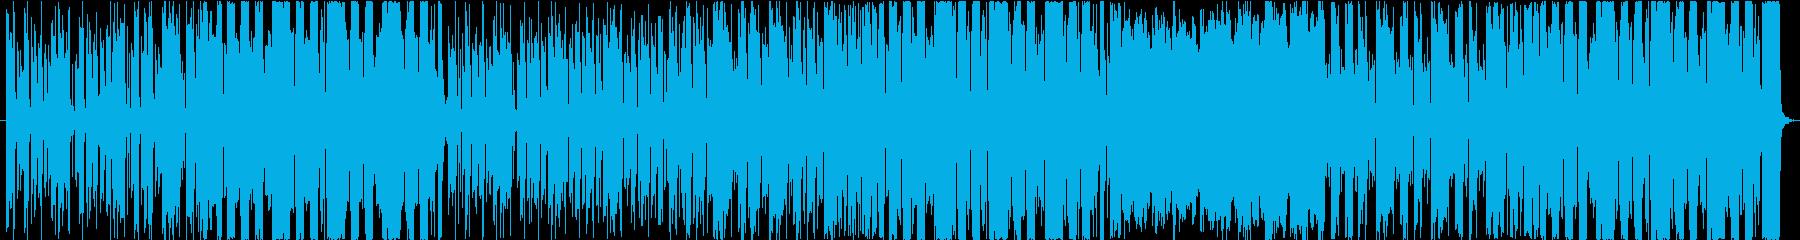 フューチャーベース2、マシュメロ風EDMの再生済みの波形